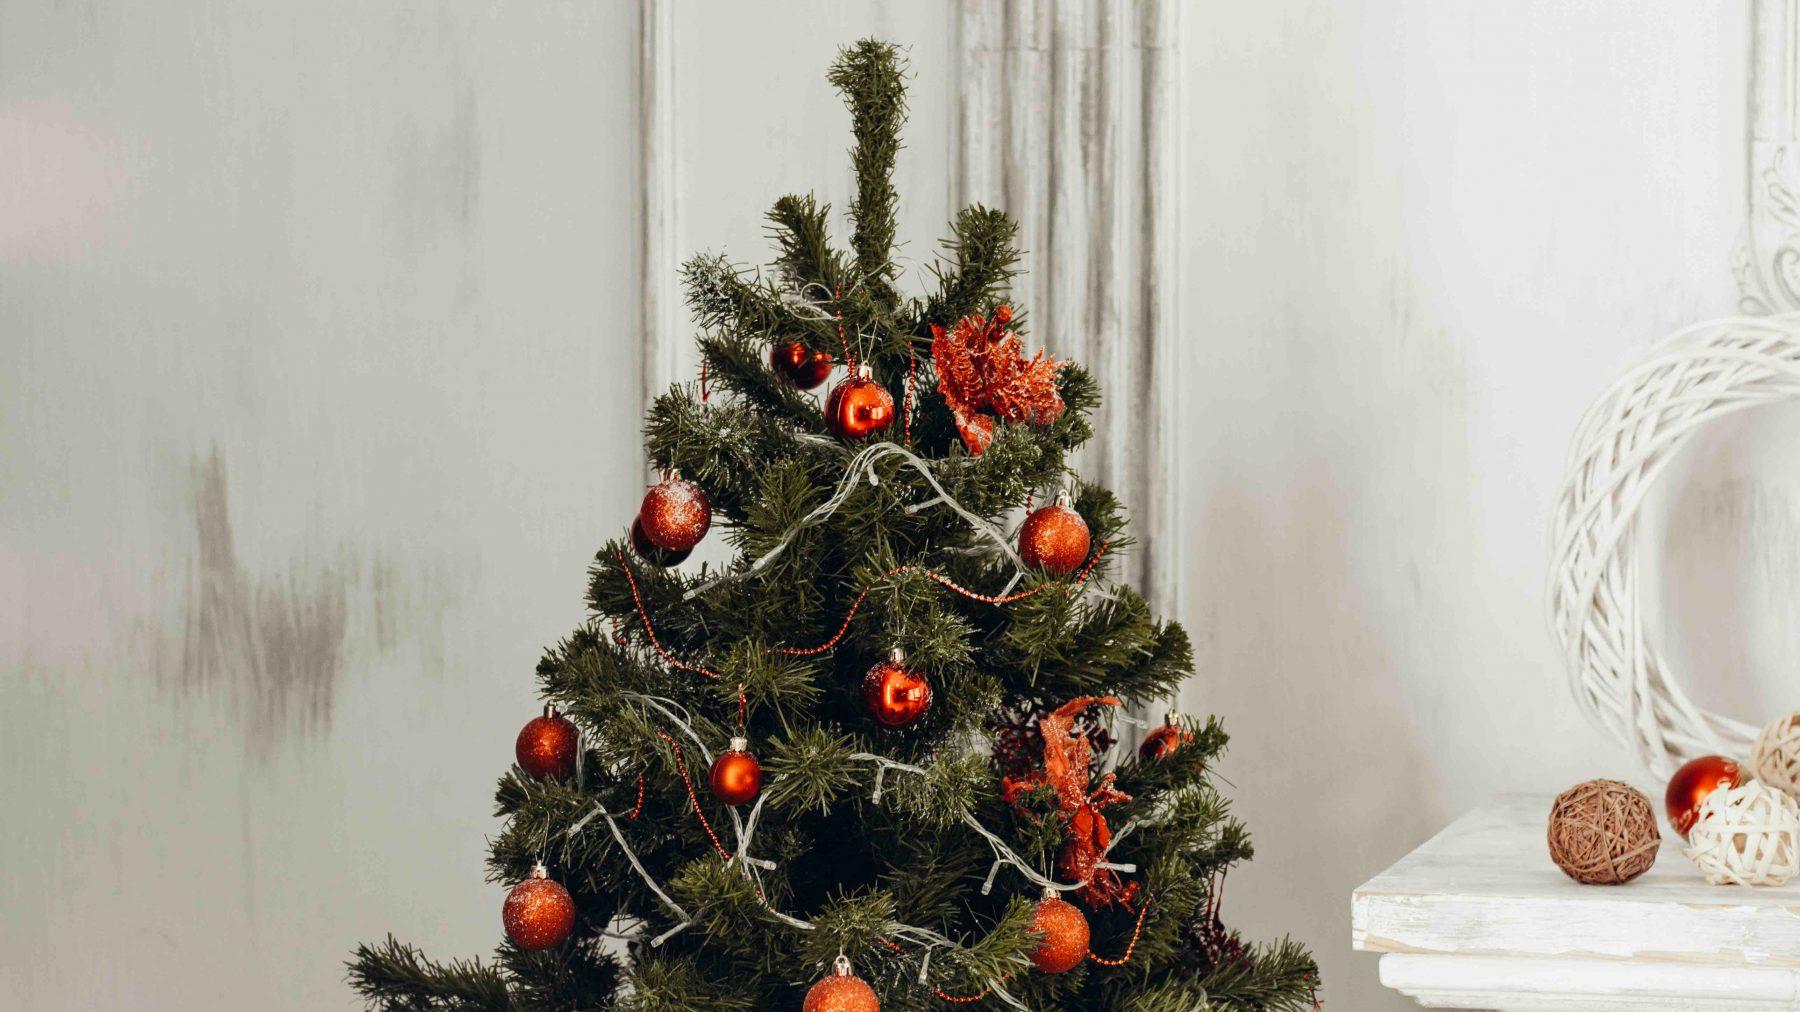 kerstboom-groter-populair-twee-meter